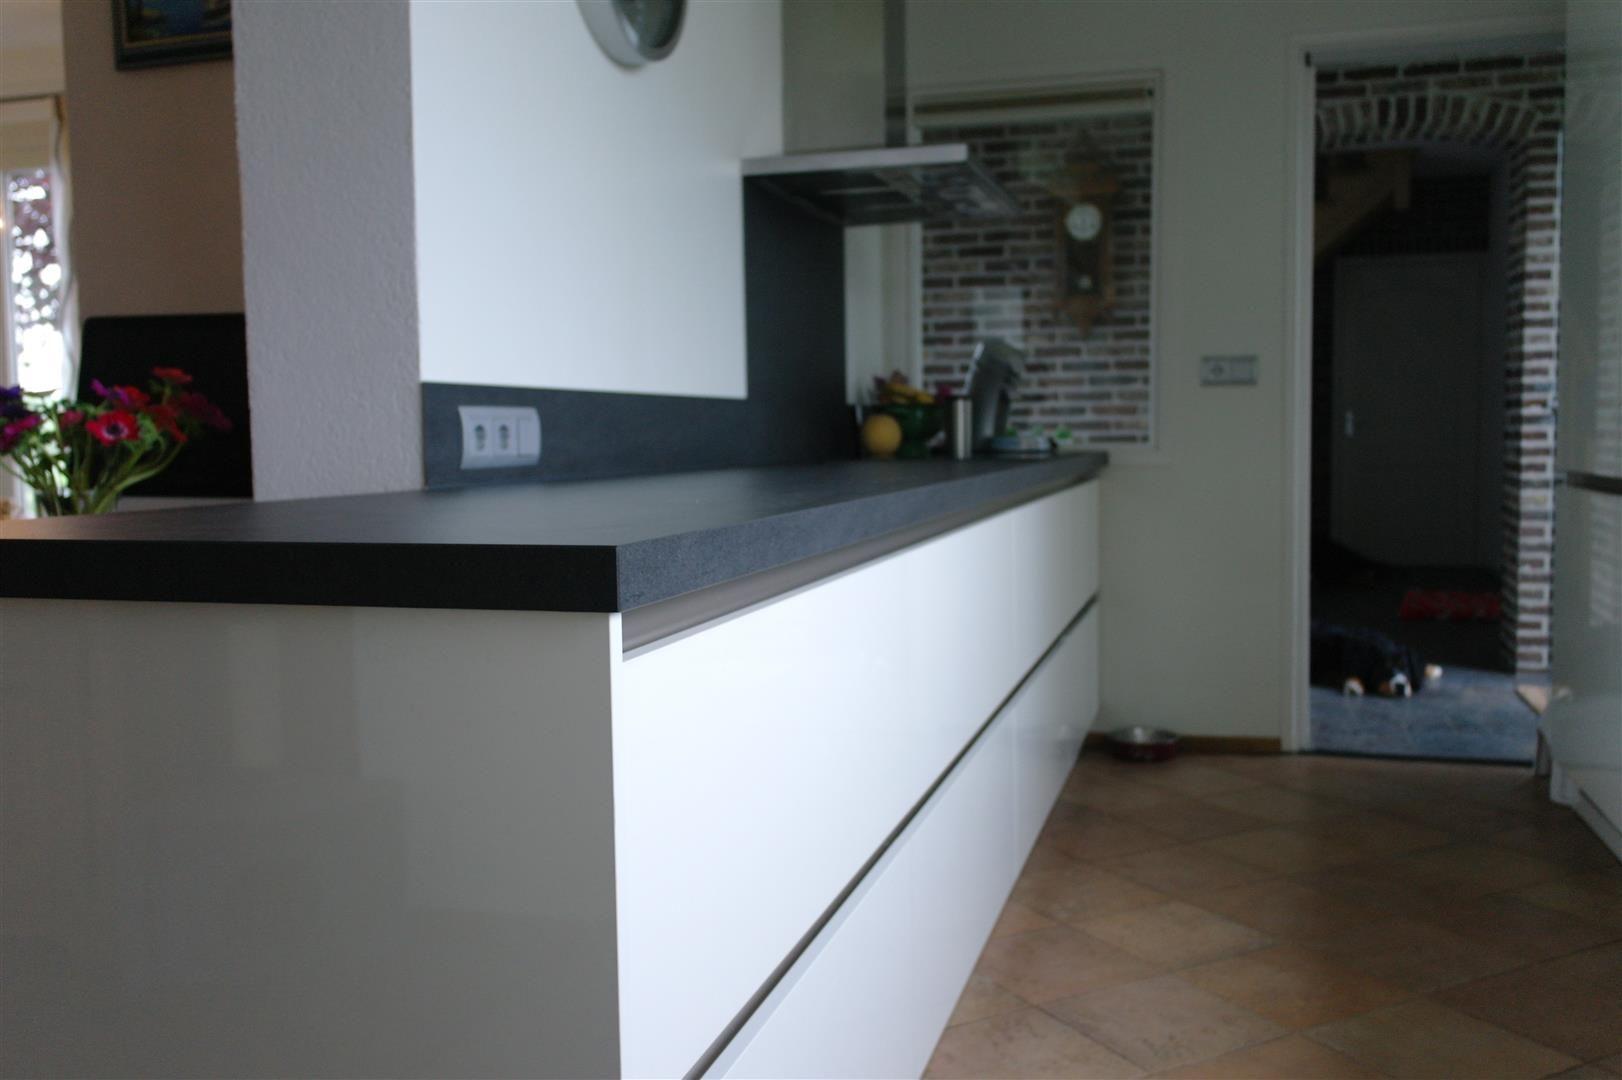 Home Ssk Keukenstudio Kapelle Uw Keukenspeciaalzaak Keuken Modern Design Design